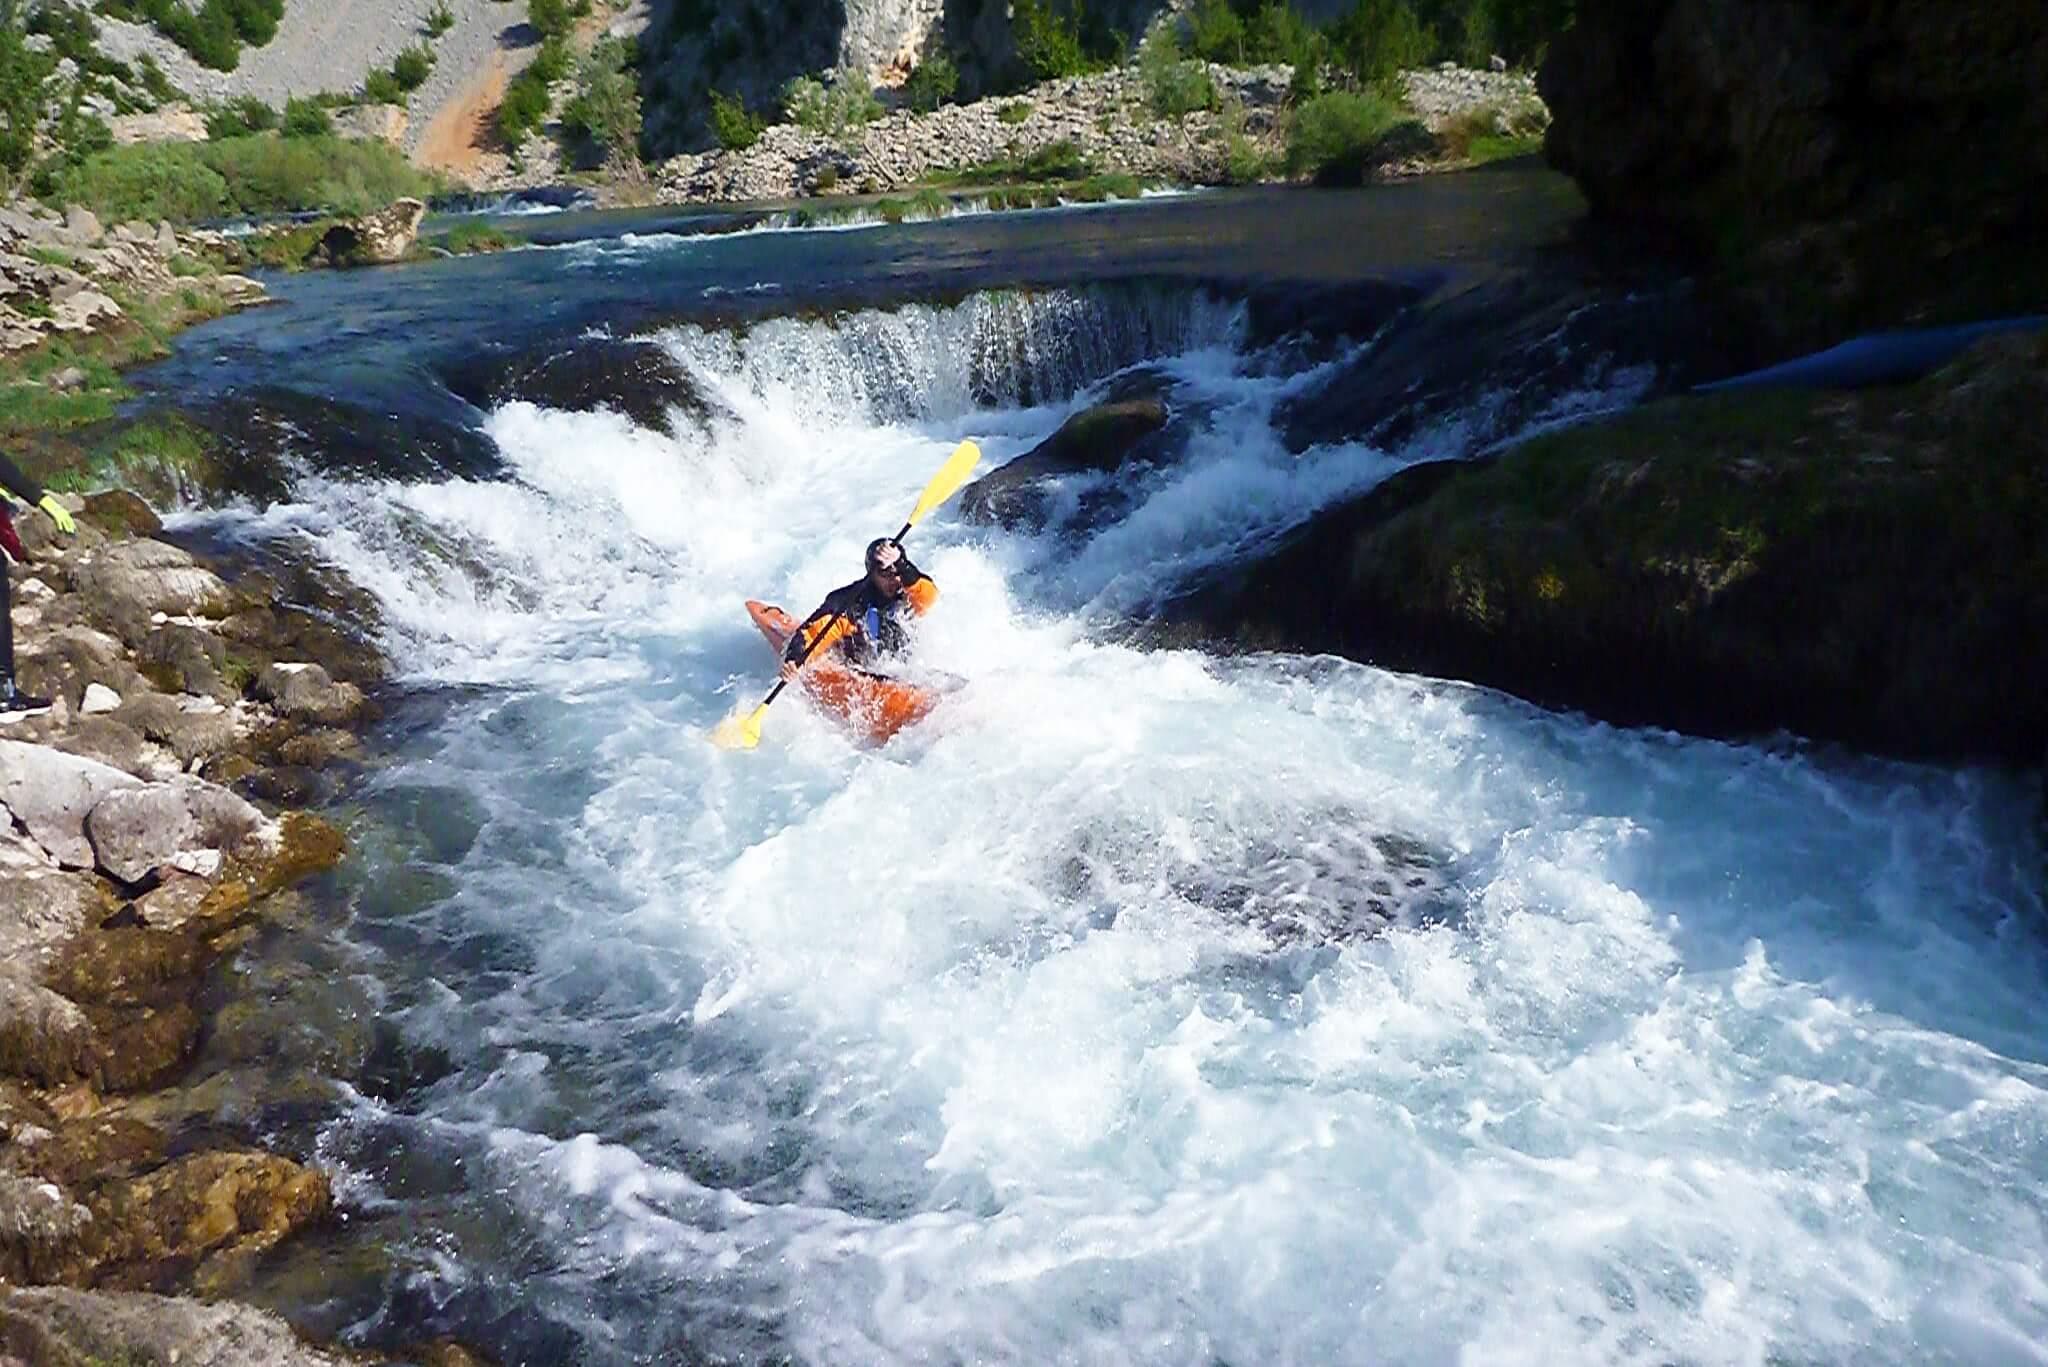 Balkan River Tour, Zrmanja River Kayaking Trip, Croatia